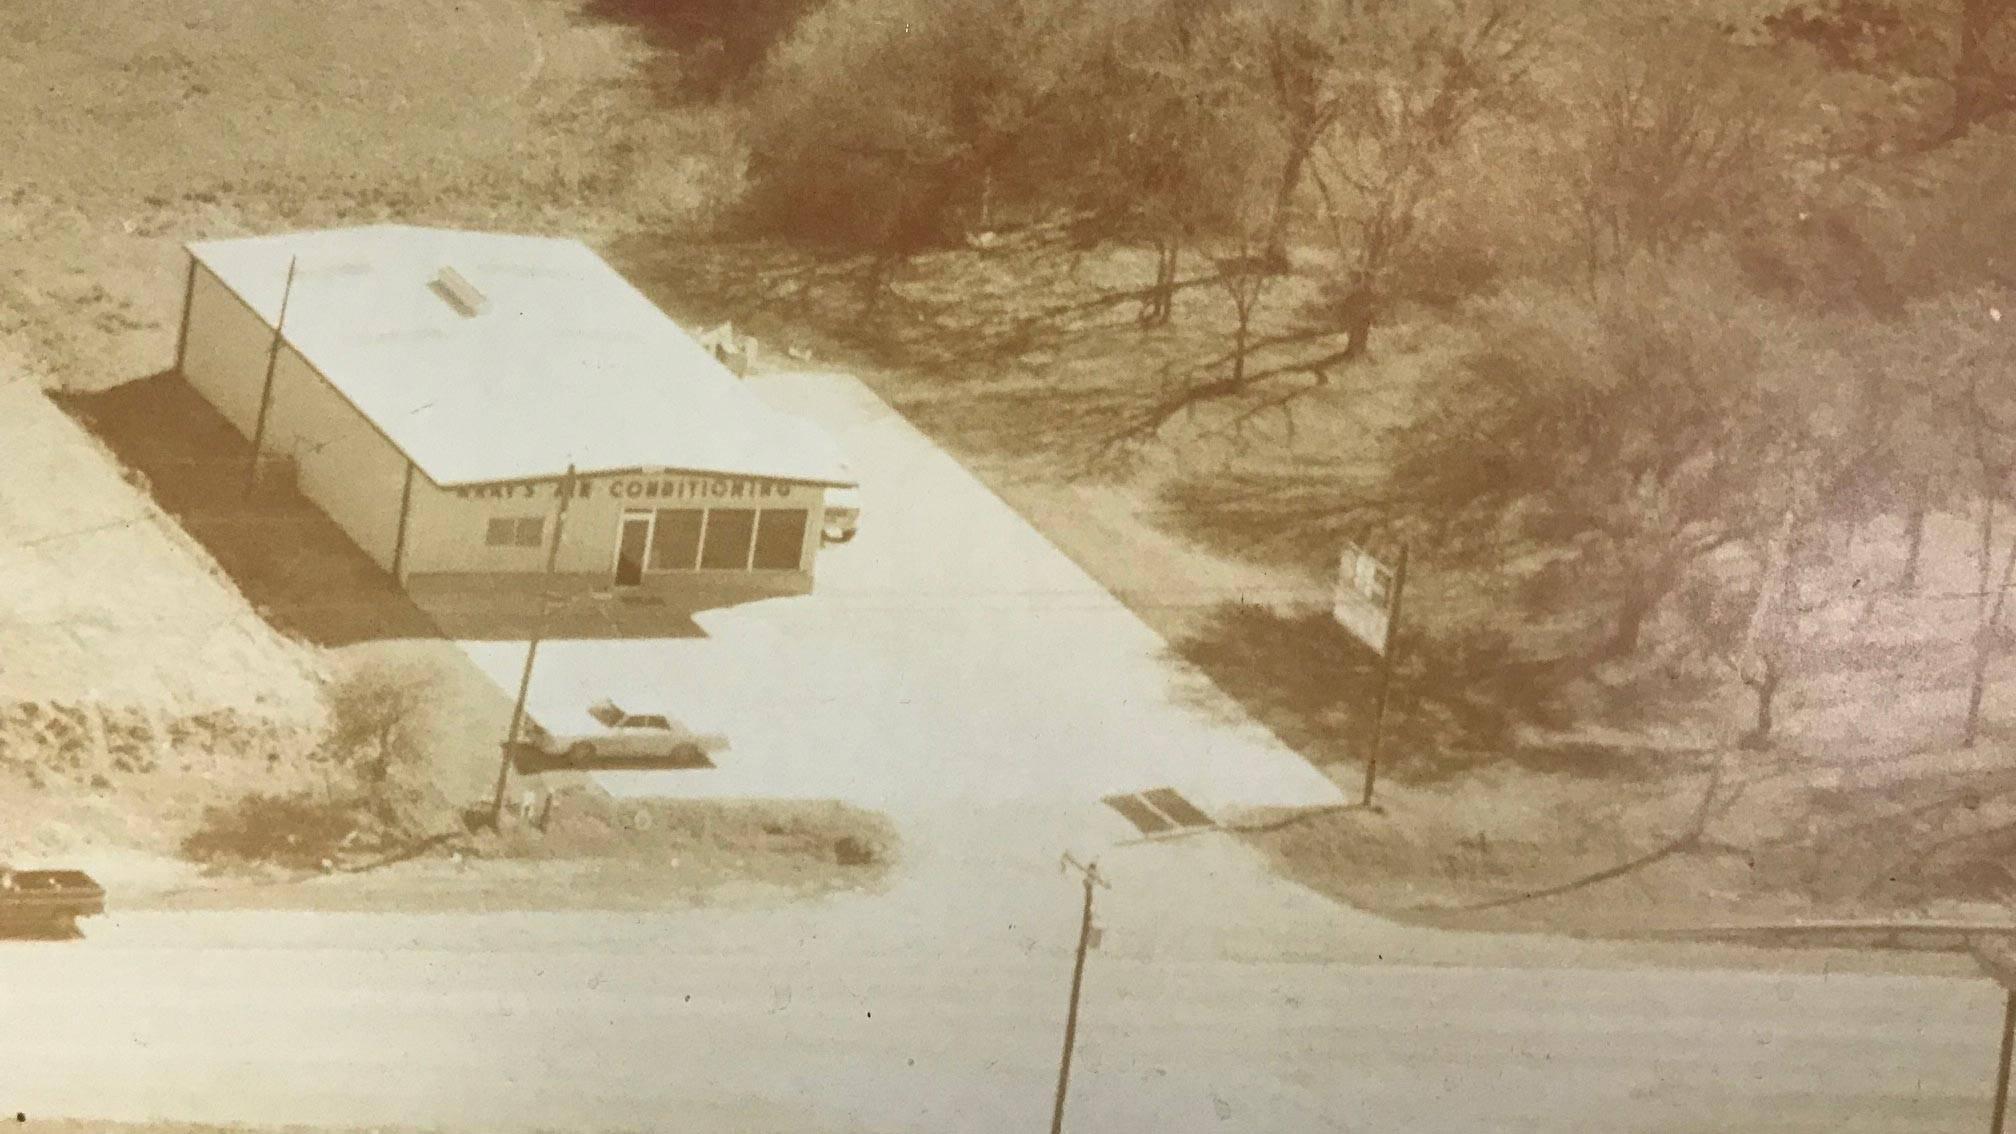 Wray's history